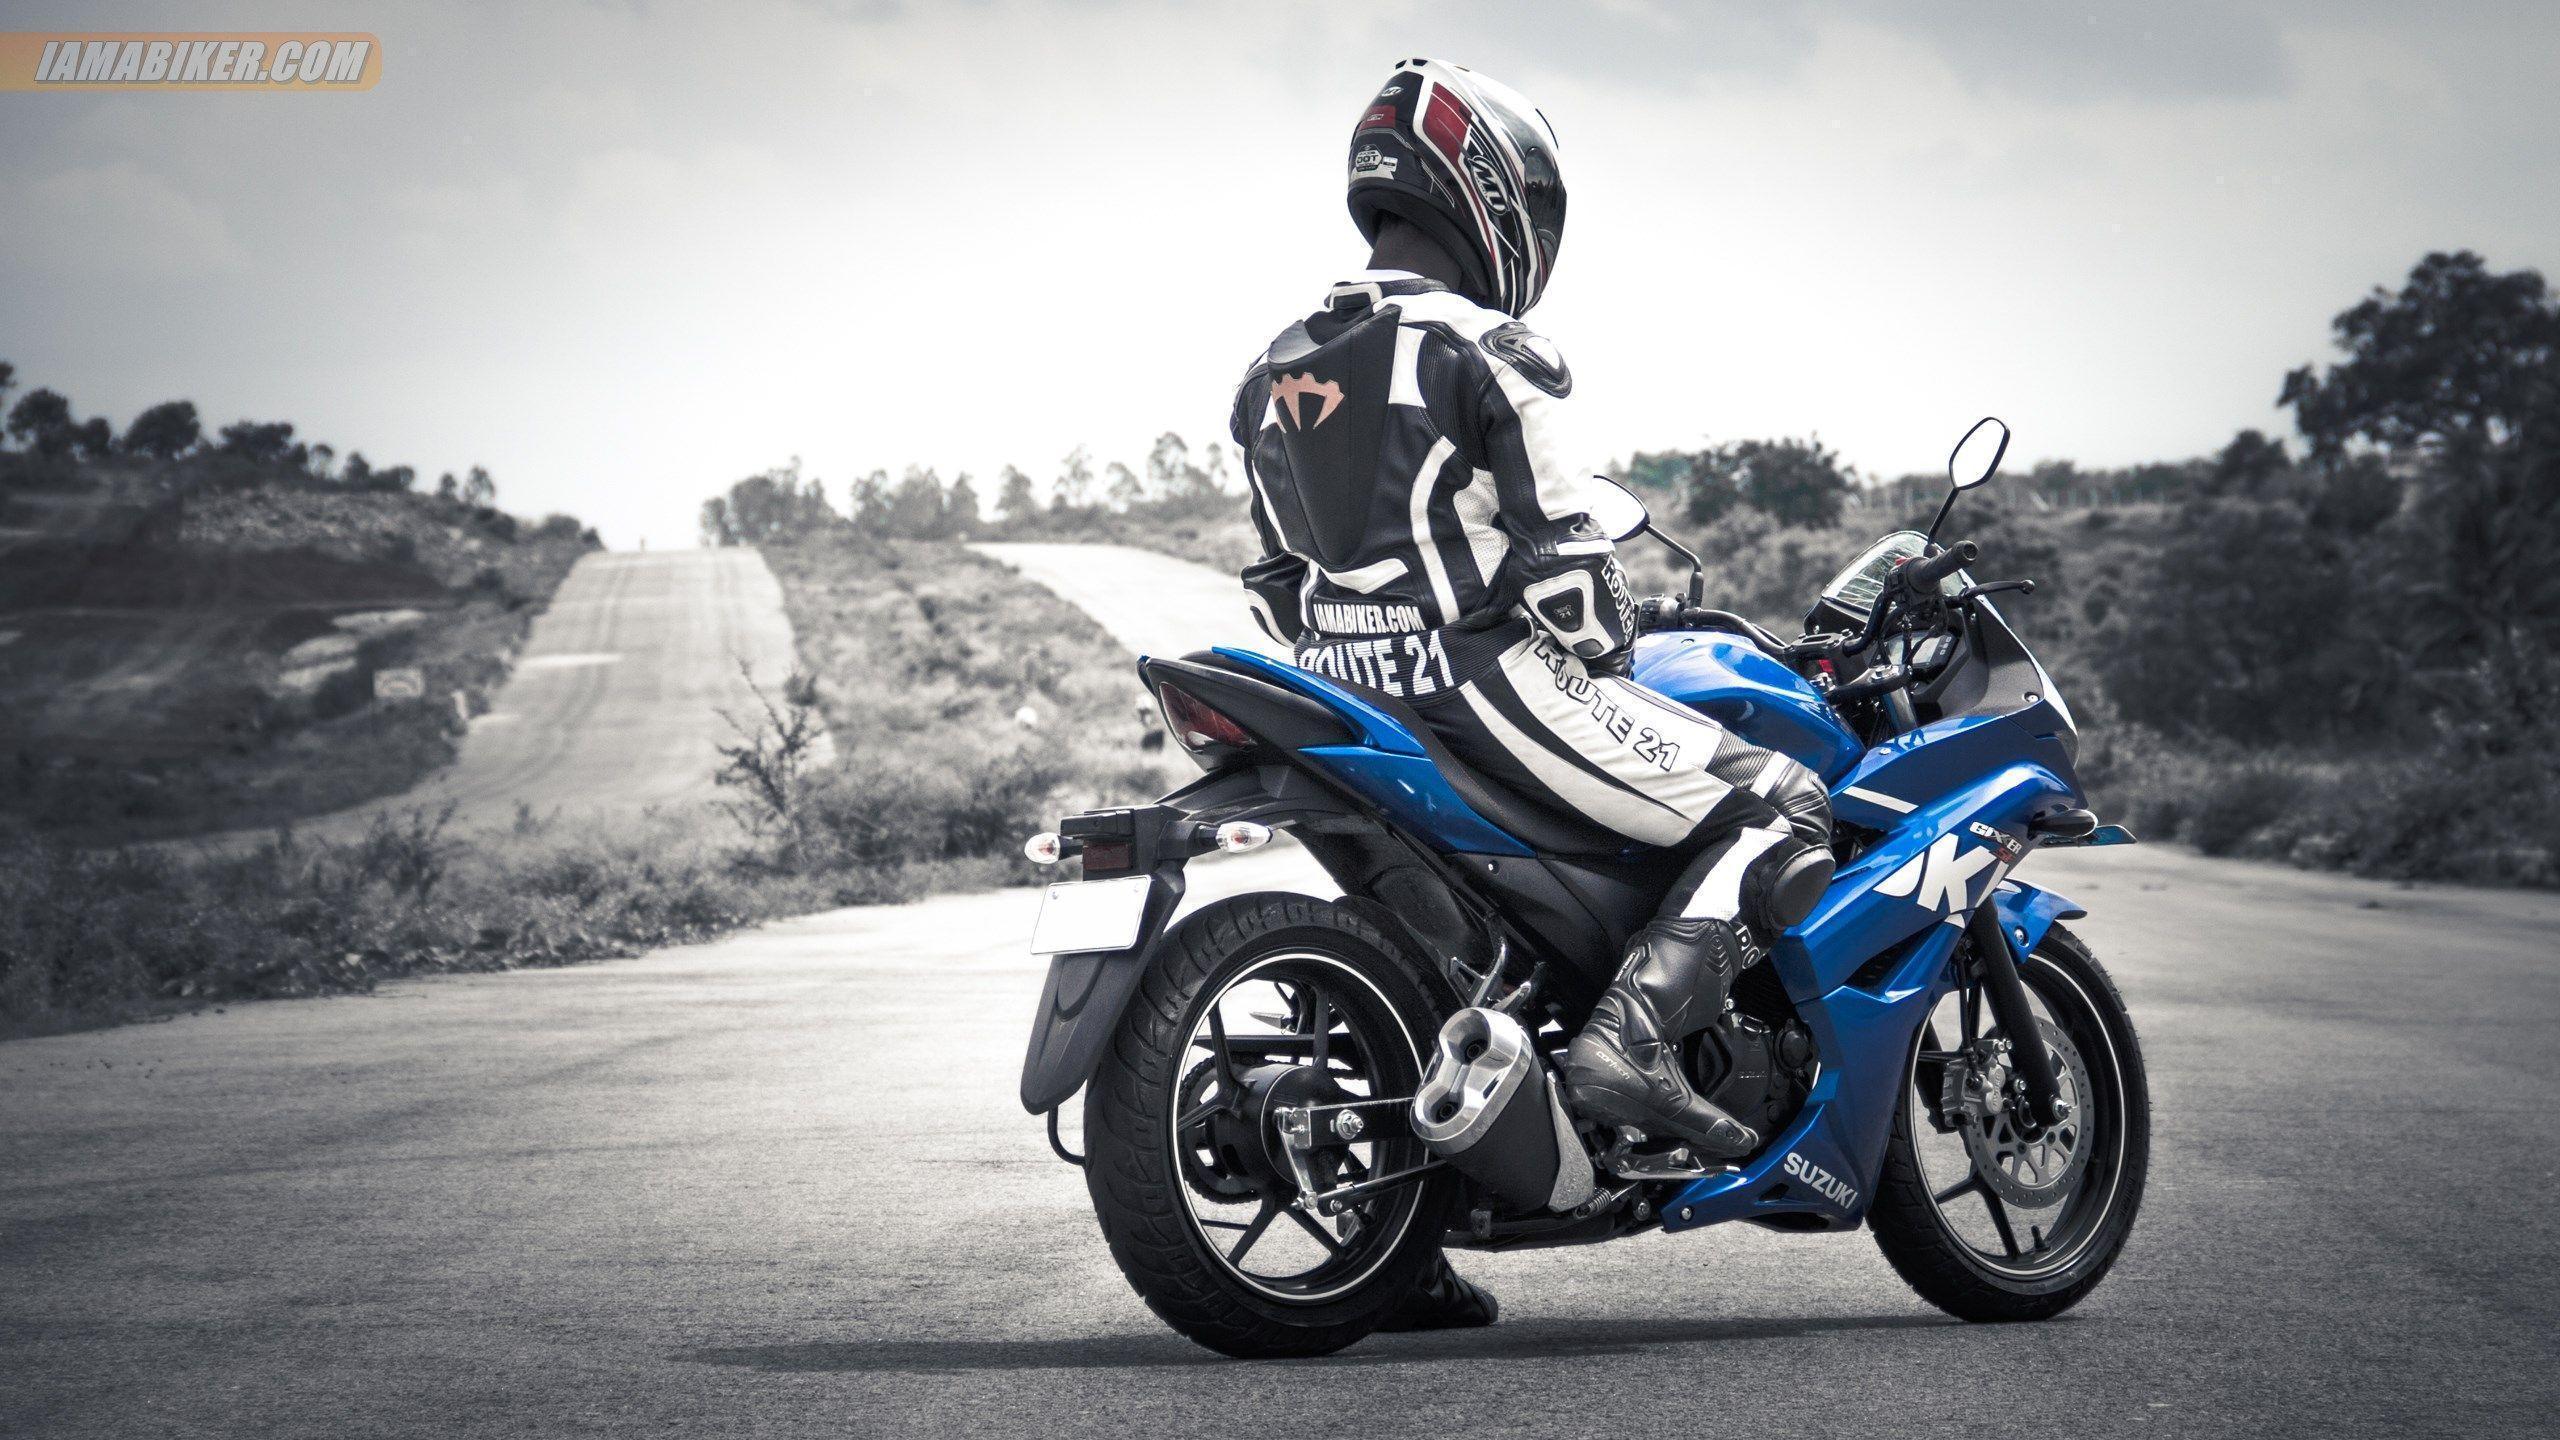 Motos Suzuki Ecuador